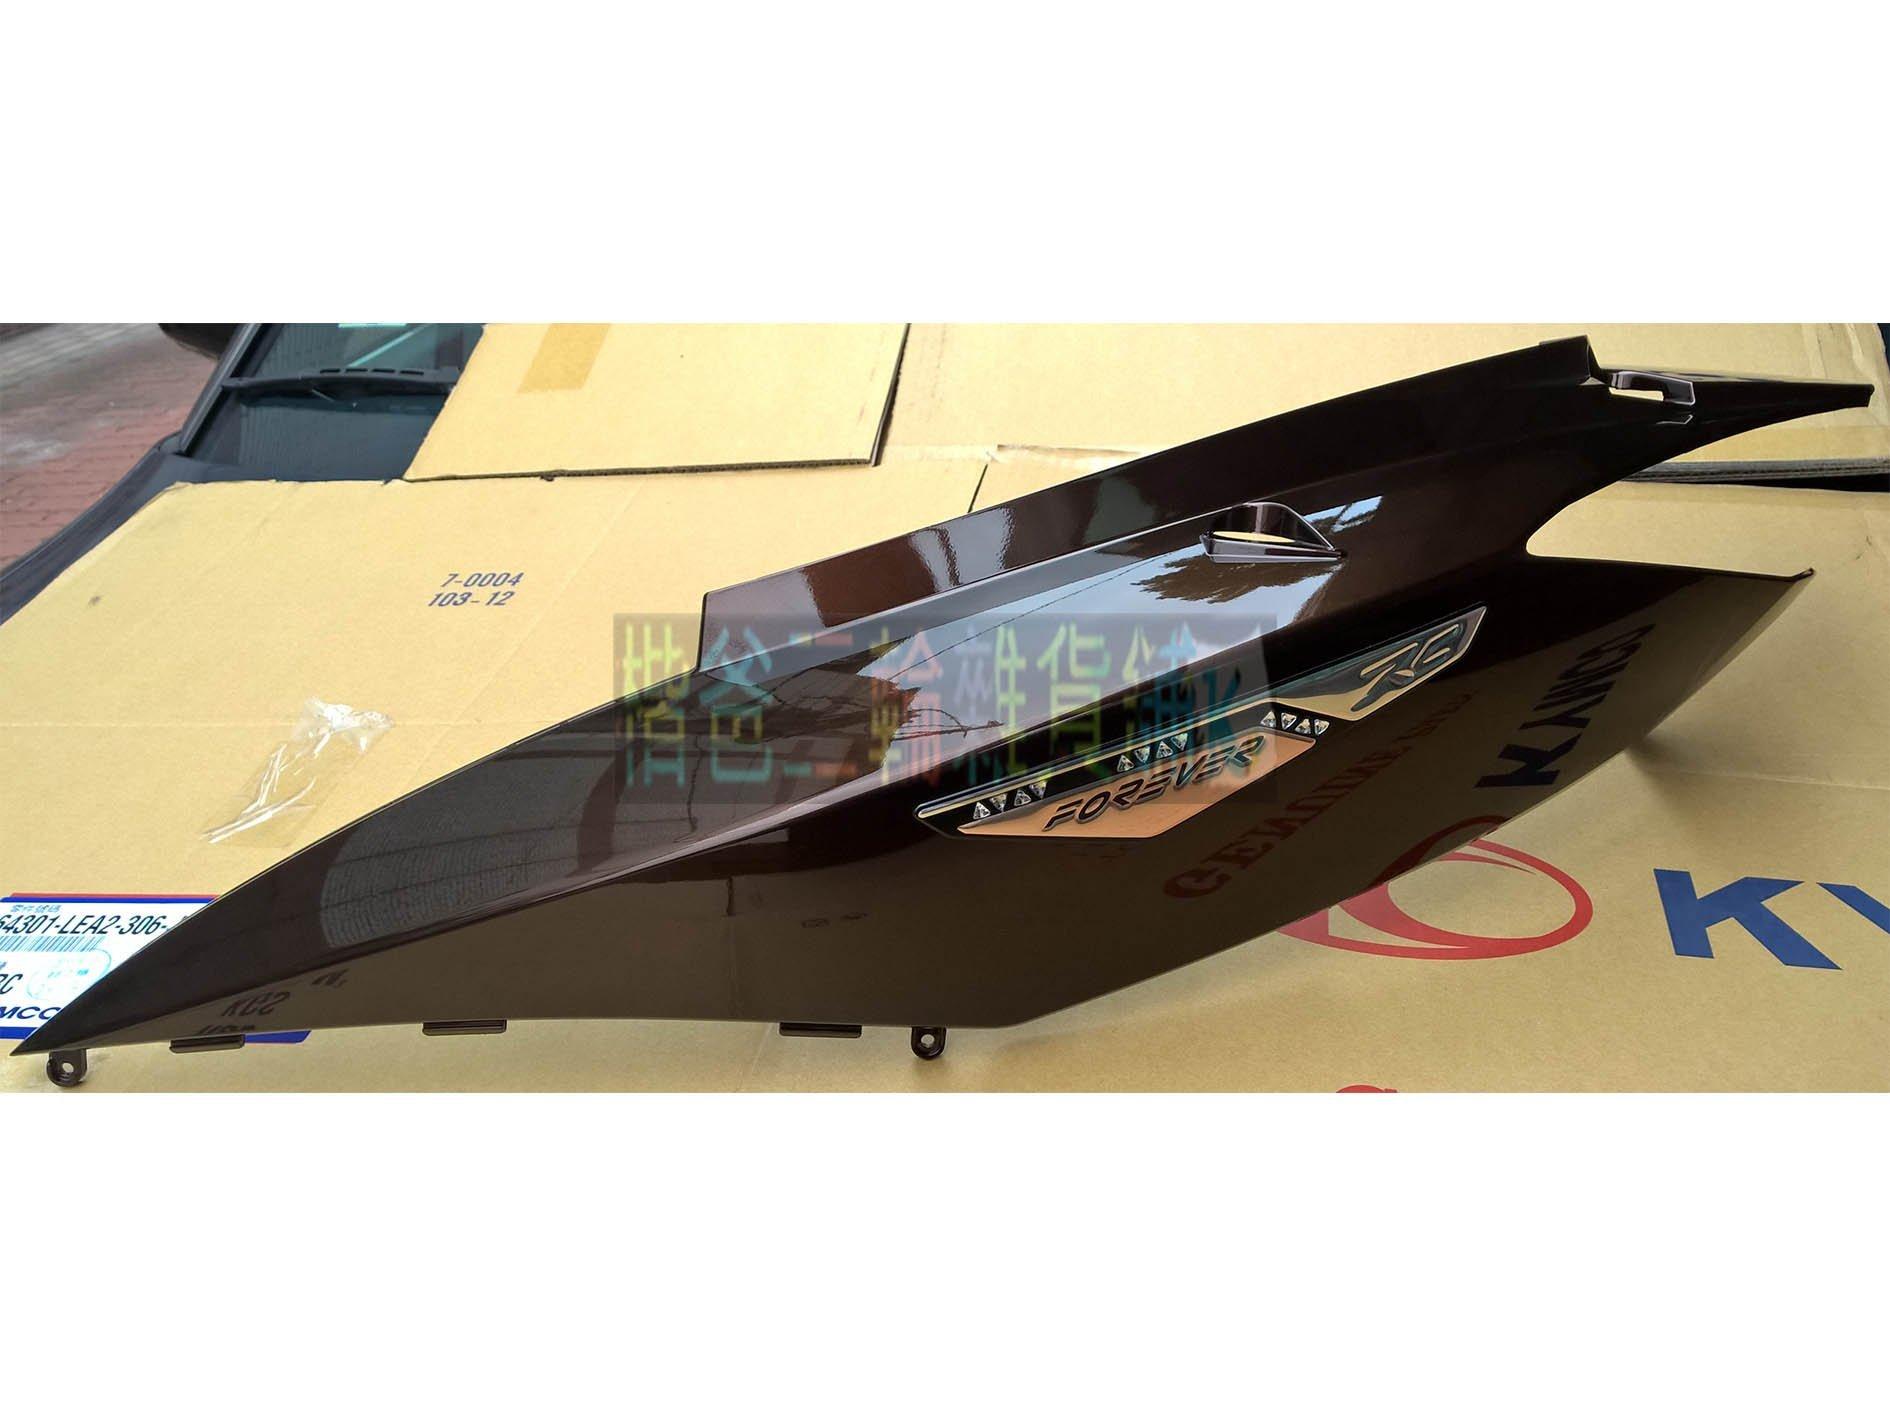 光陽 原廠【側蓋 LFB5 】雷霆125/150 深棕 水鑽 邊軌、側條、雷霆、深棕、可可、車殼、面板、關刀